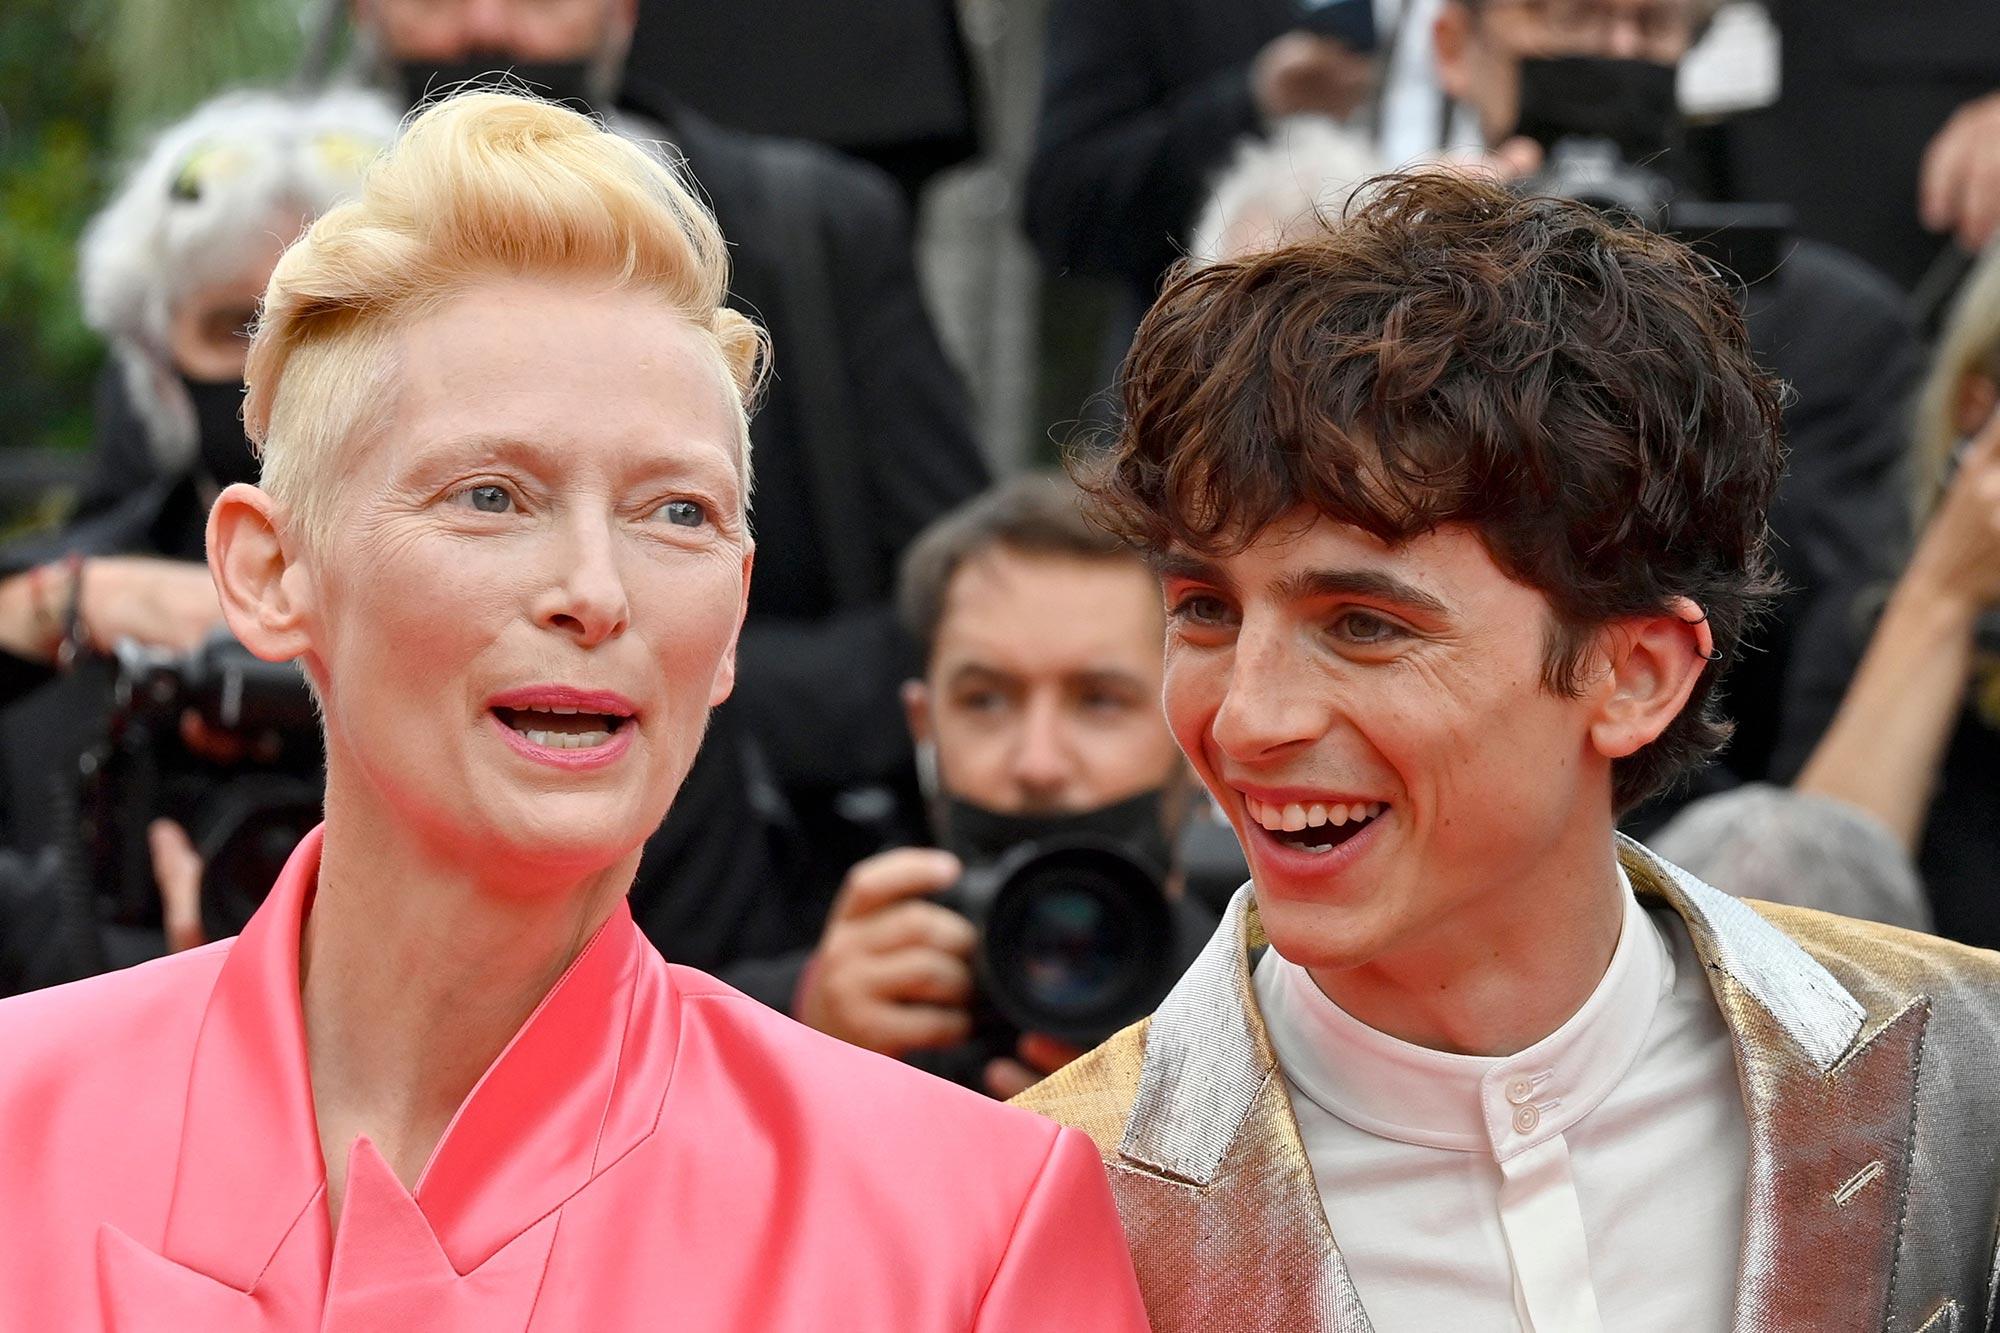 Tilda Swinton and Timothée Chalamet